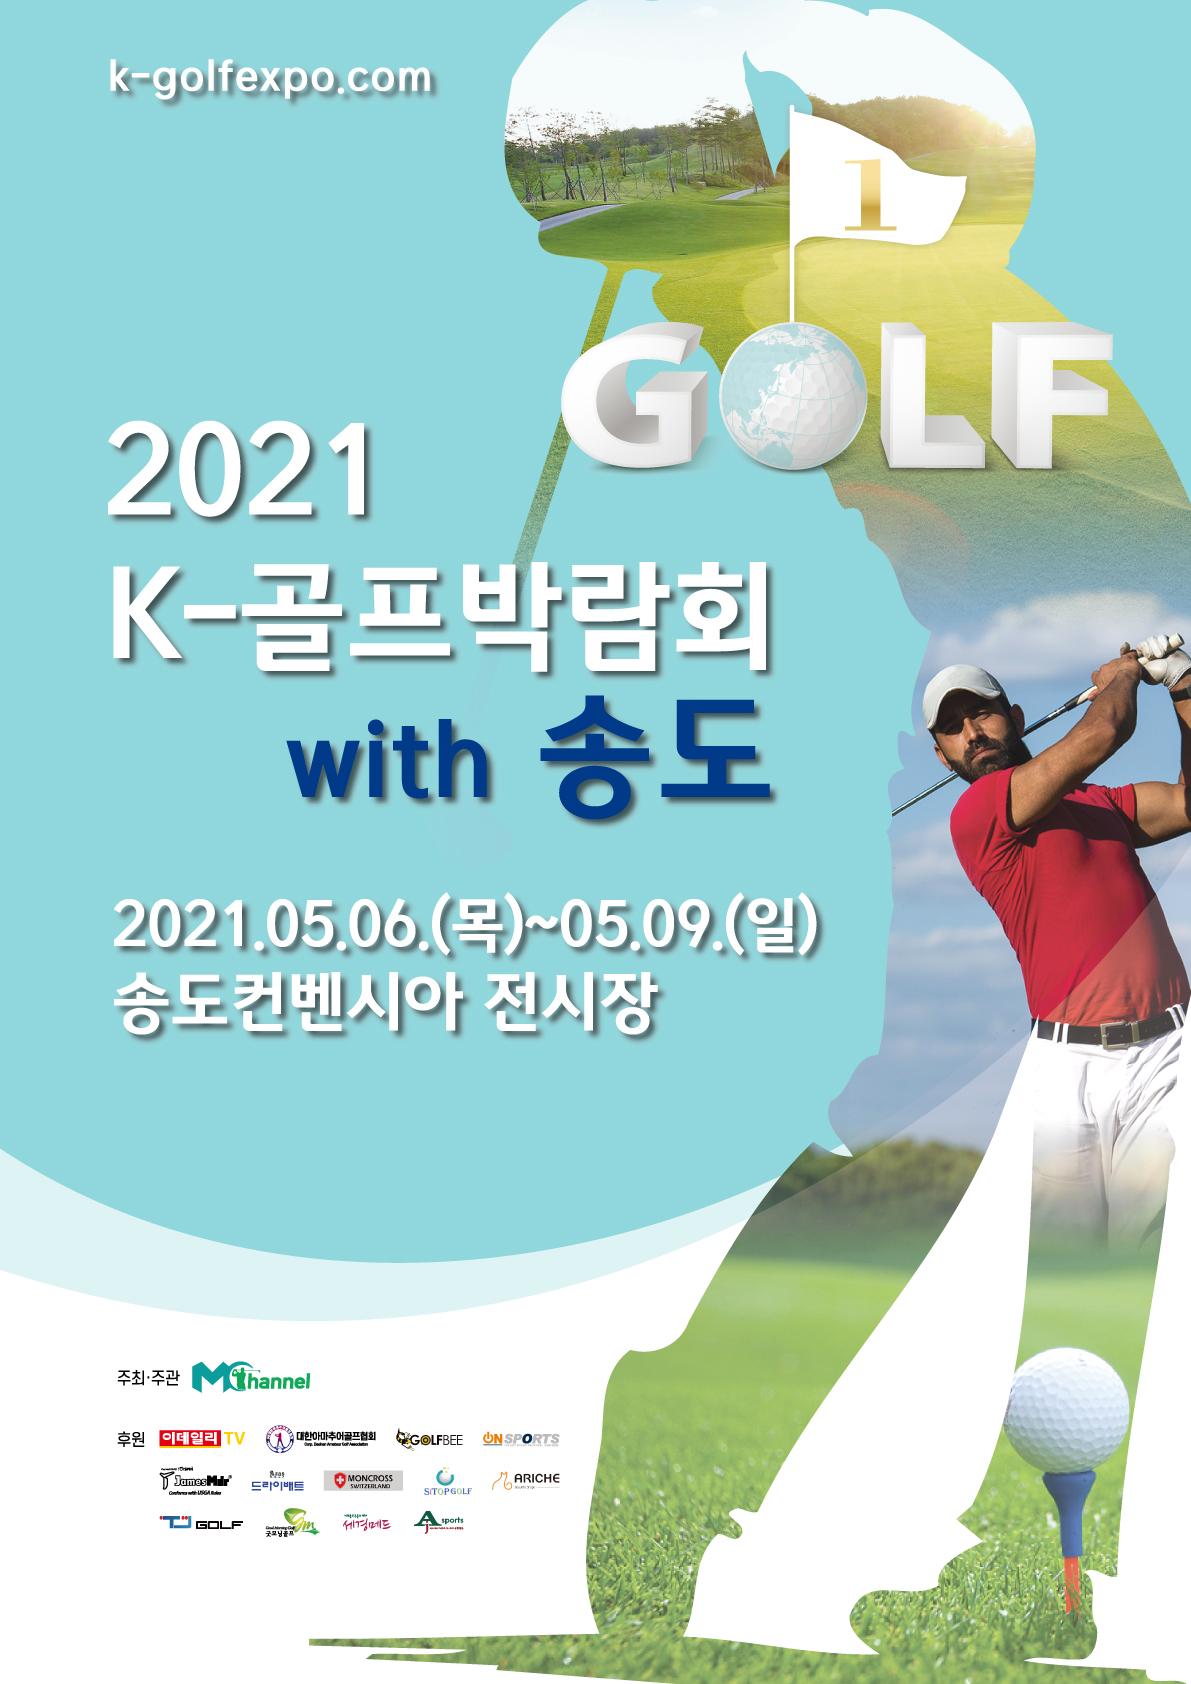 2021 송도 K-골프박람회 with 송도